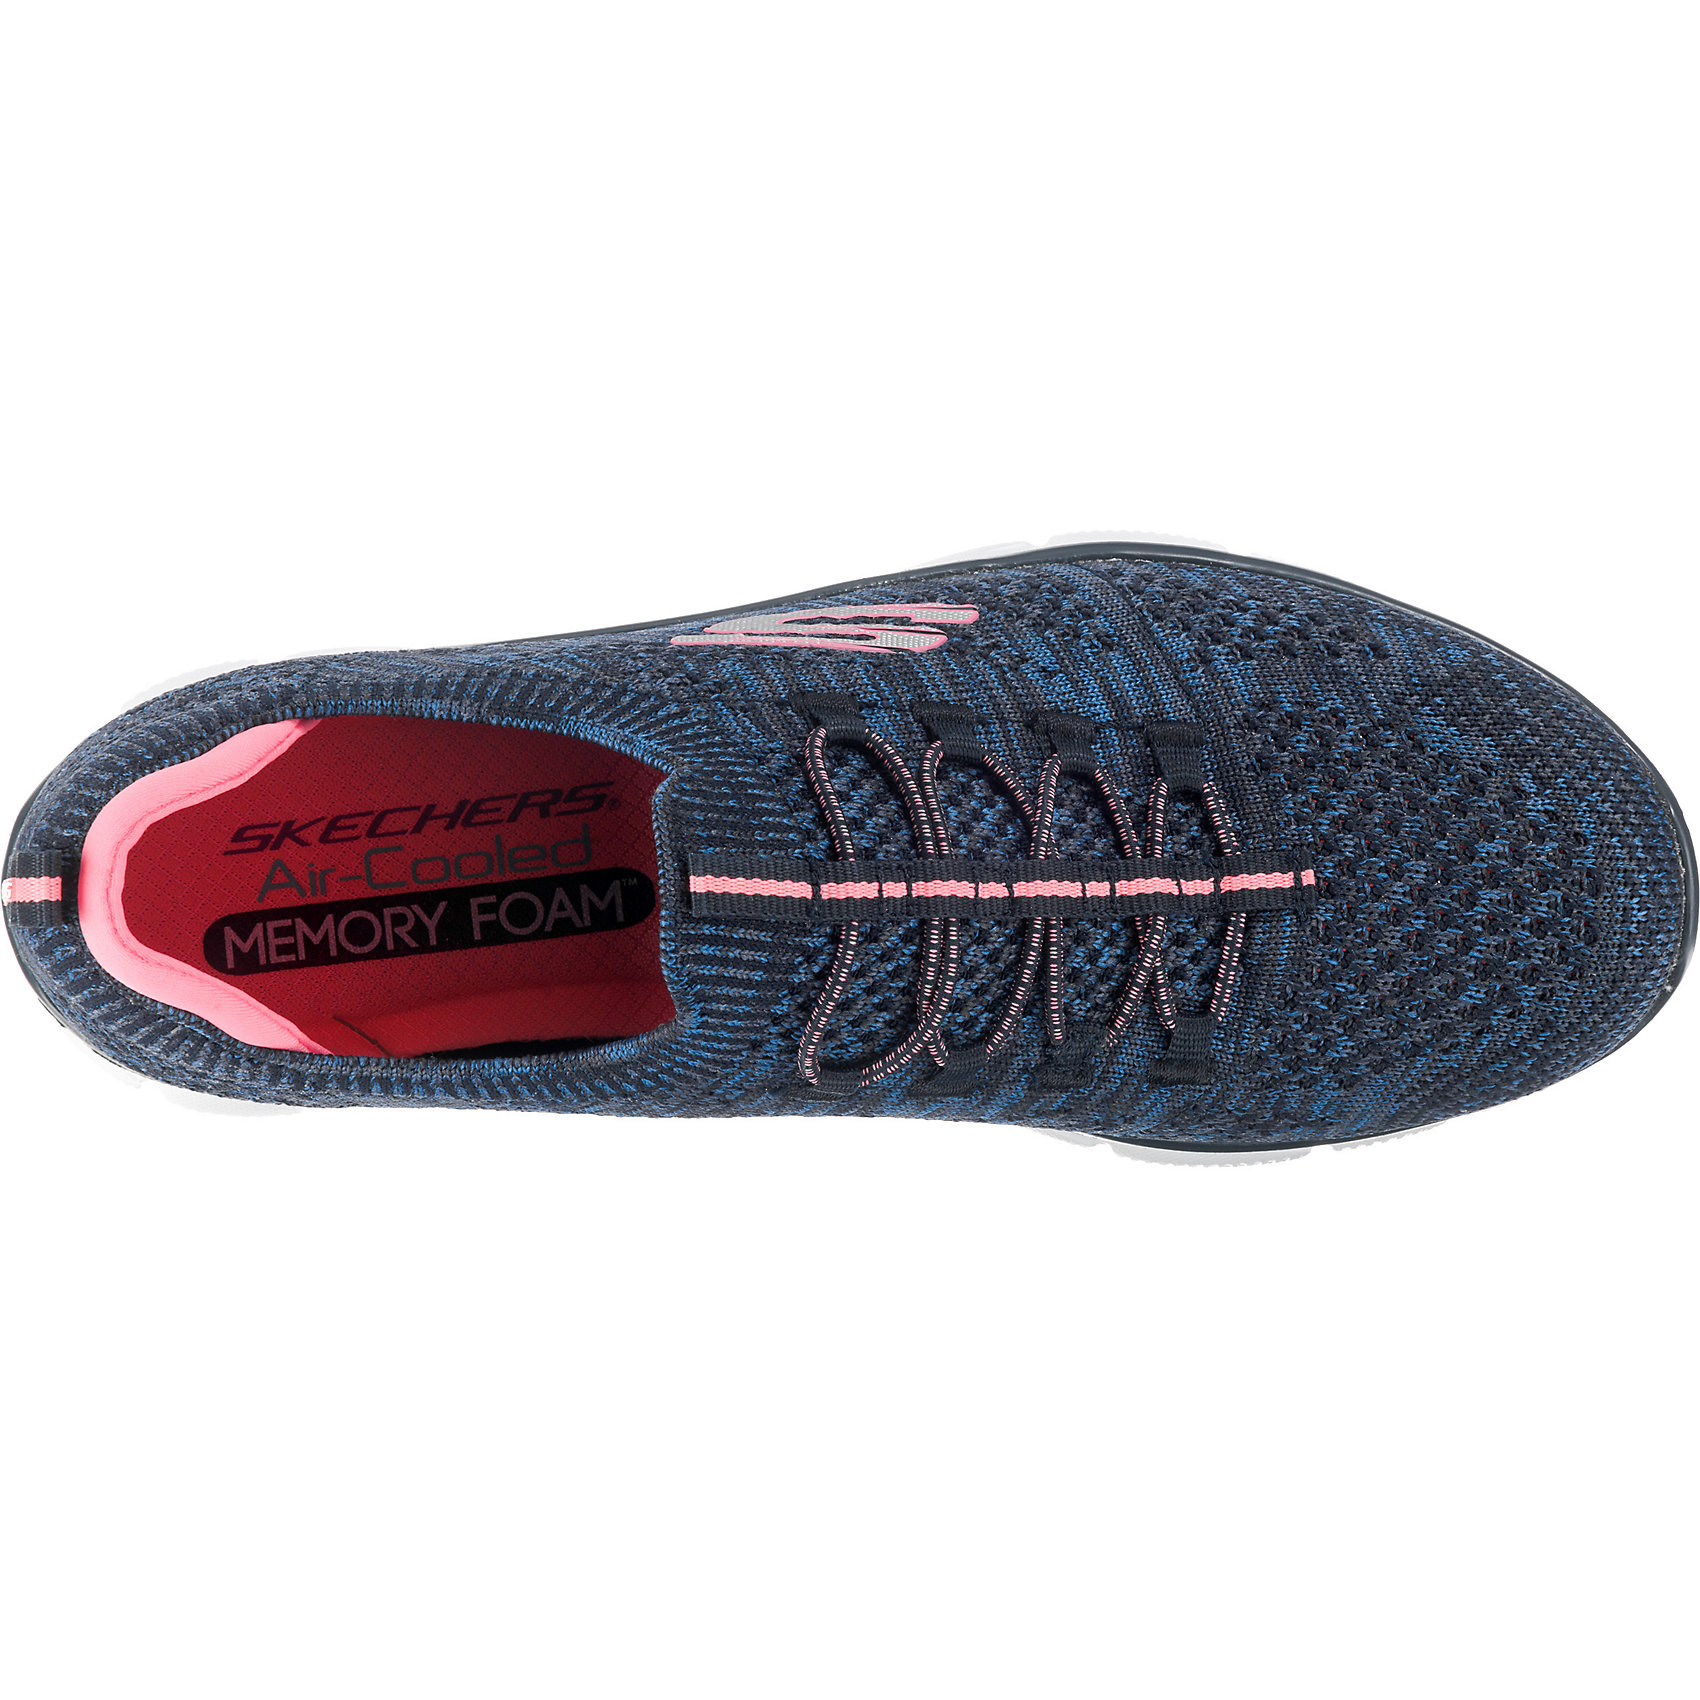 Neu SKECHERS Empire Sharp Thinking Sneakers Low 7393342 für Damen